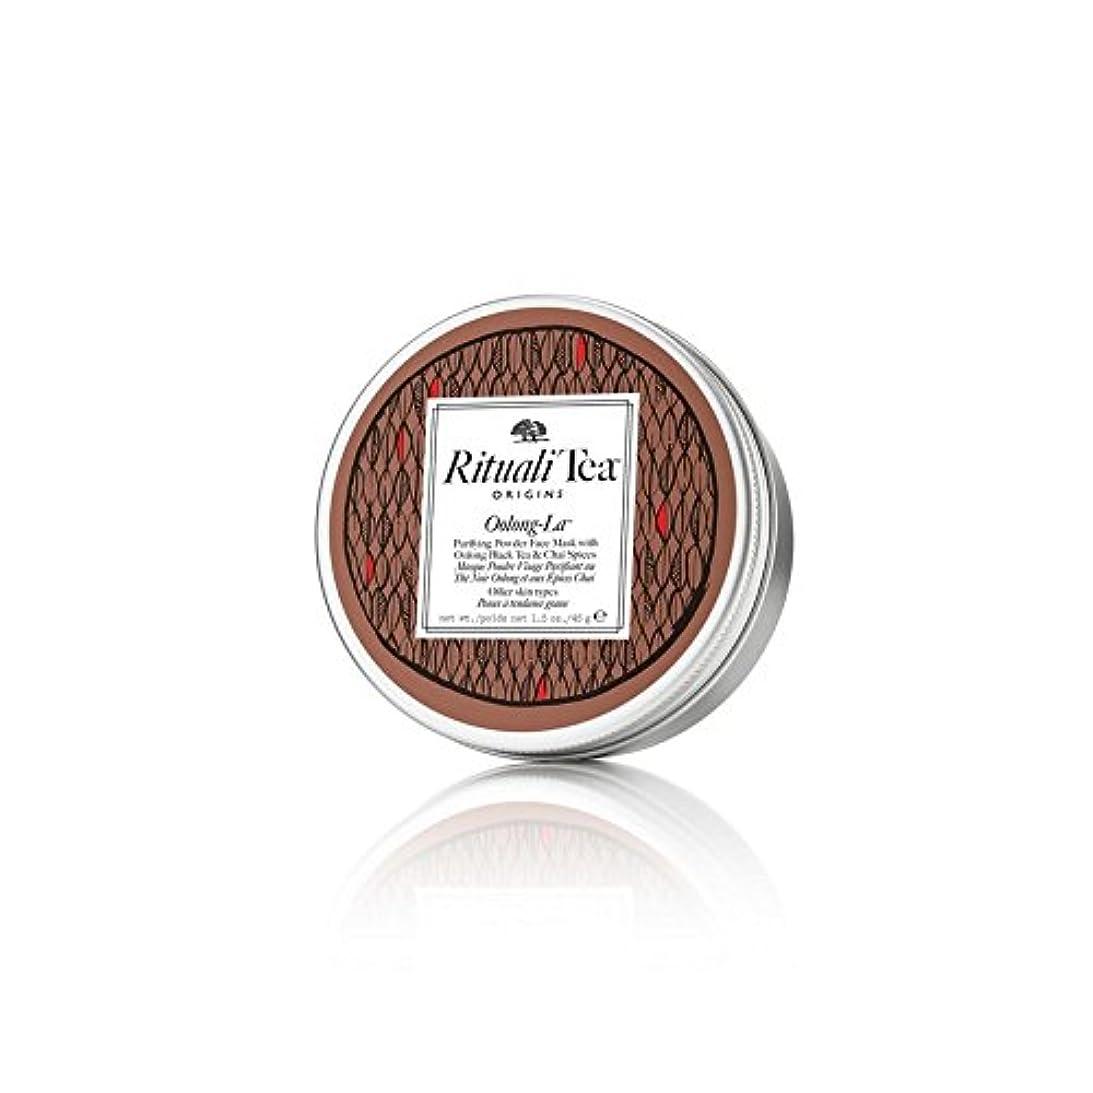 正当化する支払い消毒するOrigins Powdered Tea Face Mask Oolong-La 45g - 起源抹茶フェイスマスク烏龍茶ラ45グラム [並行輸入品]